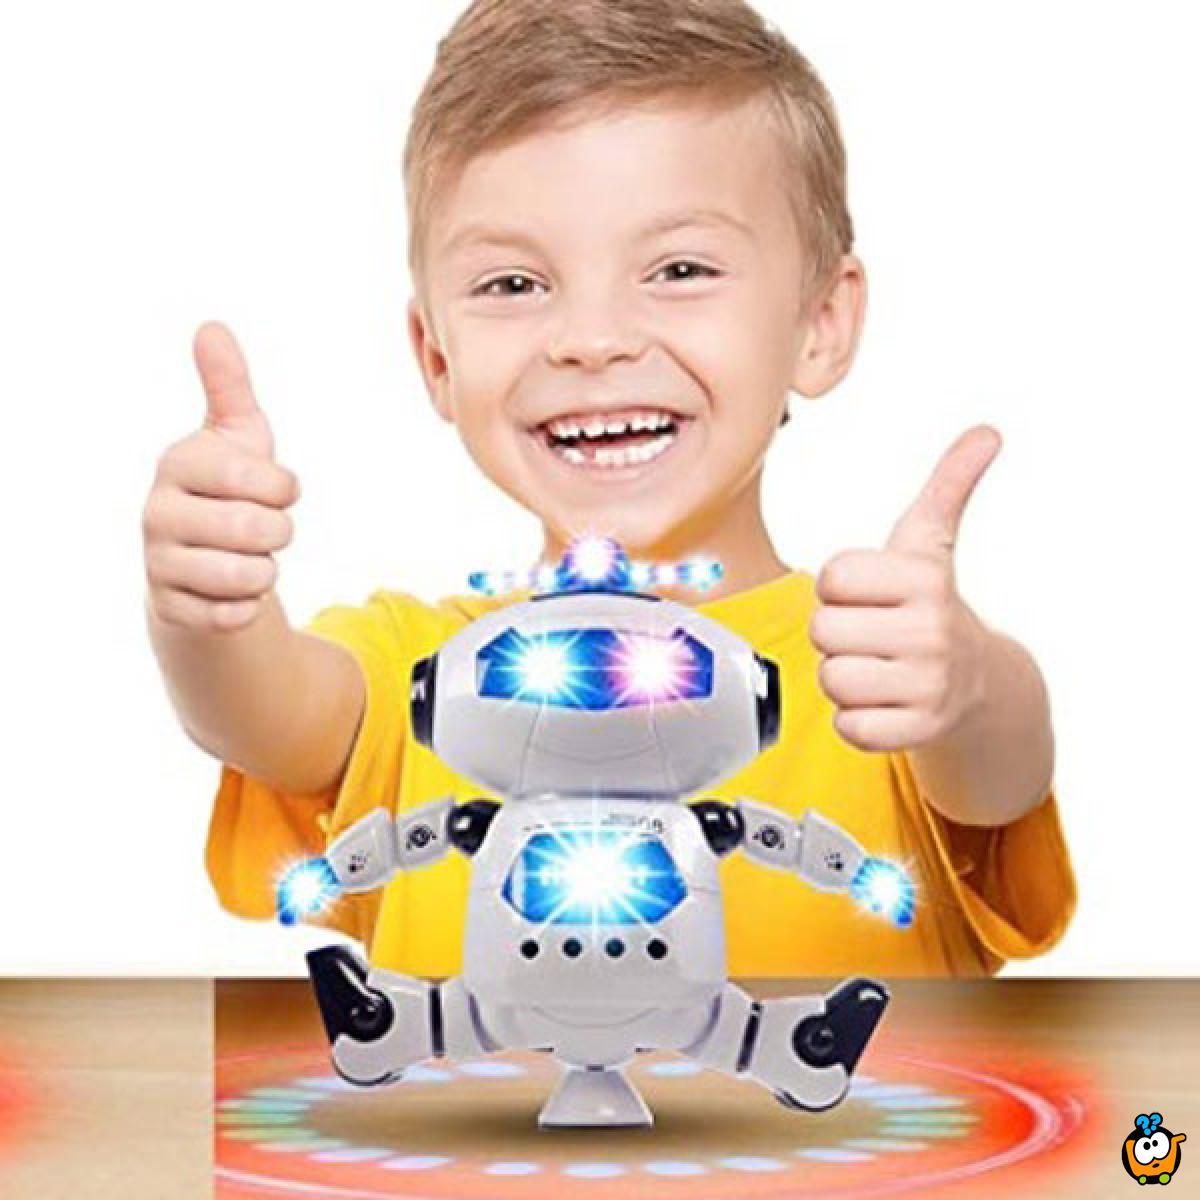 Boy Toymachine - Robot igračka koja se rotira 360 stepeni